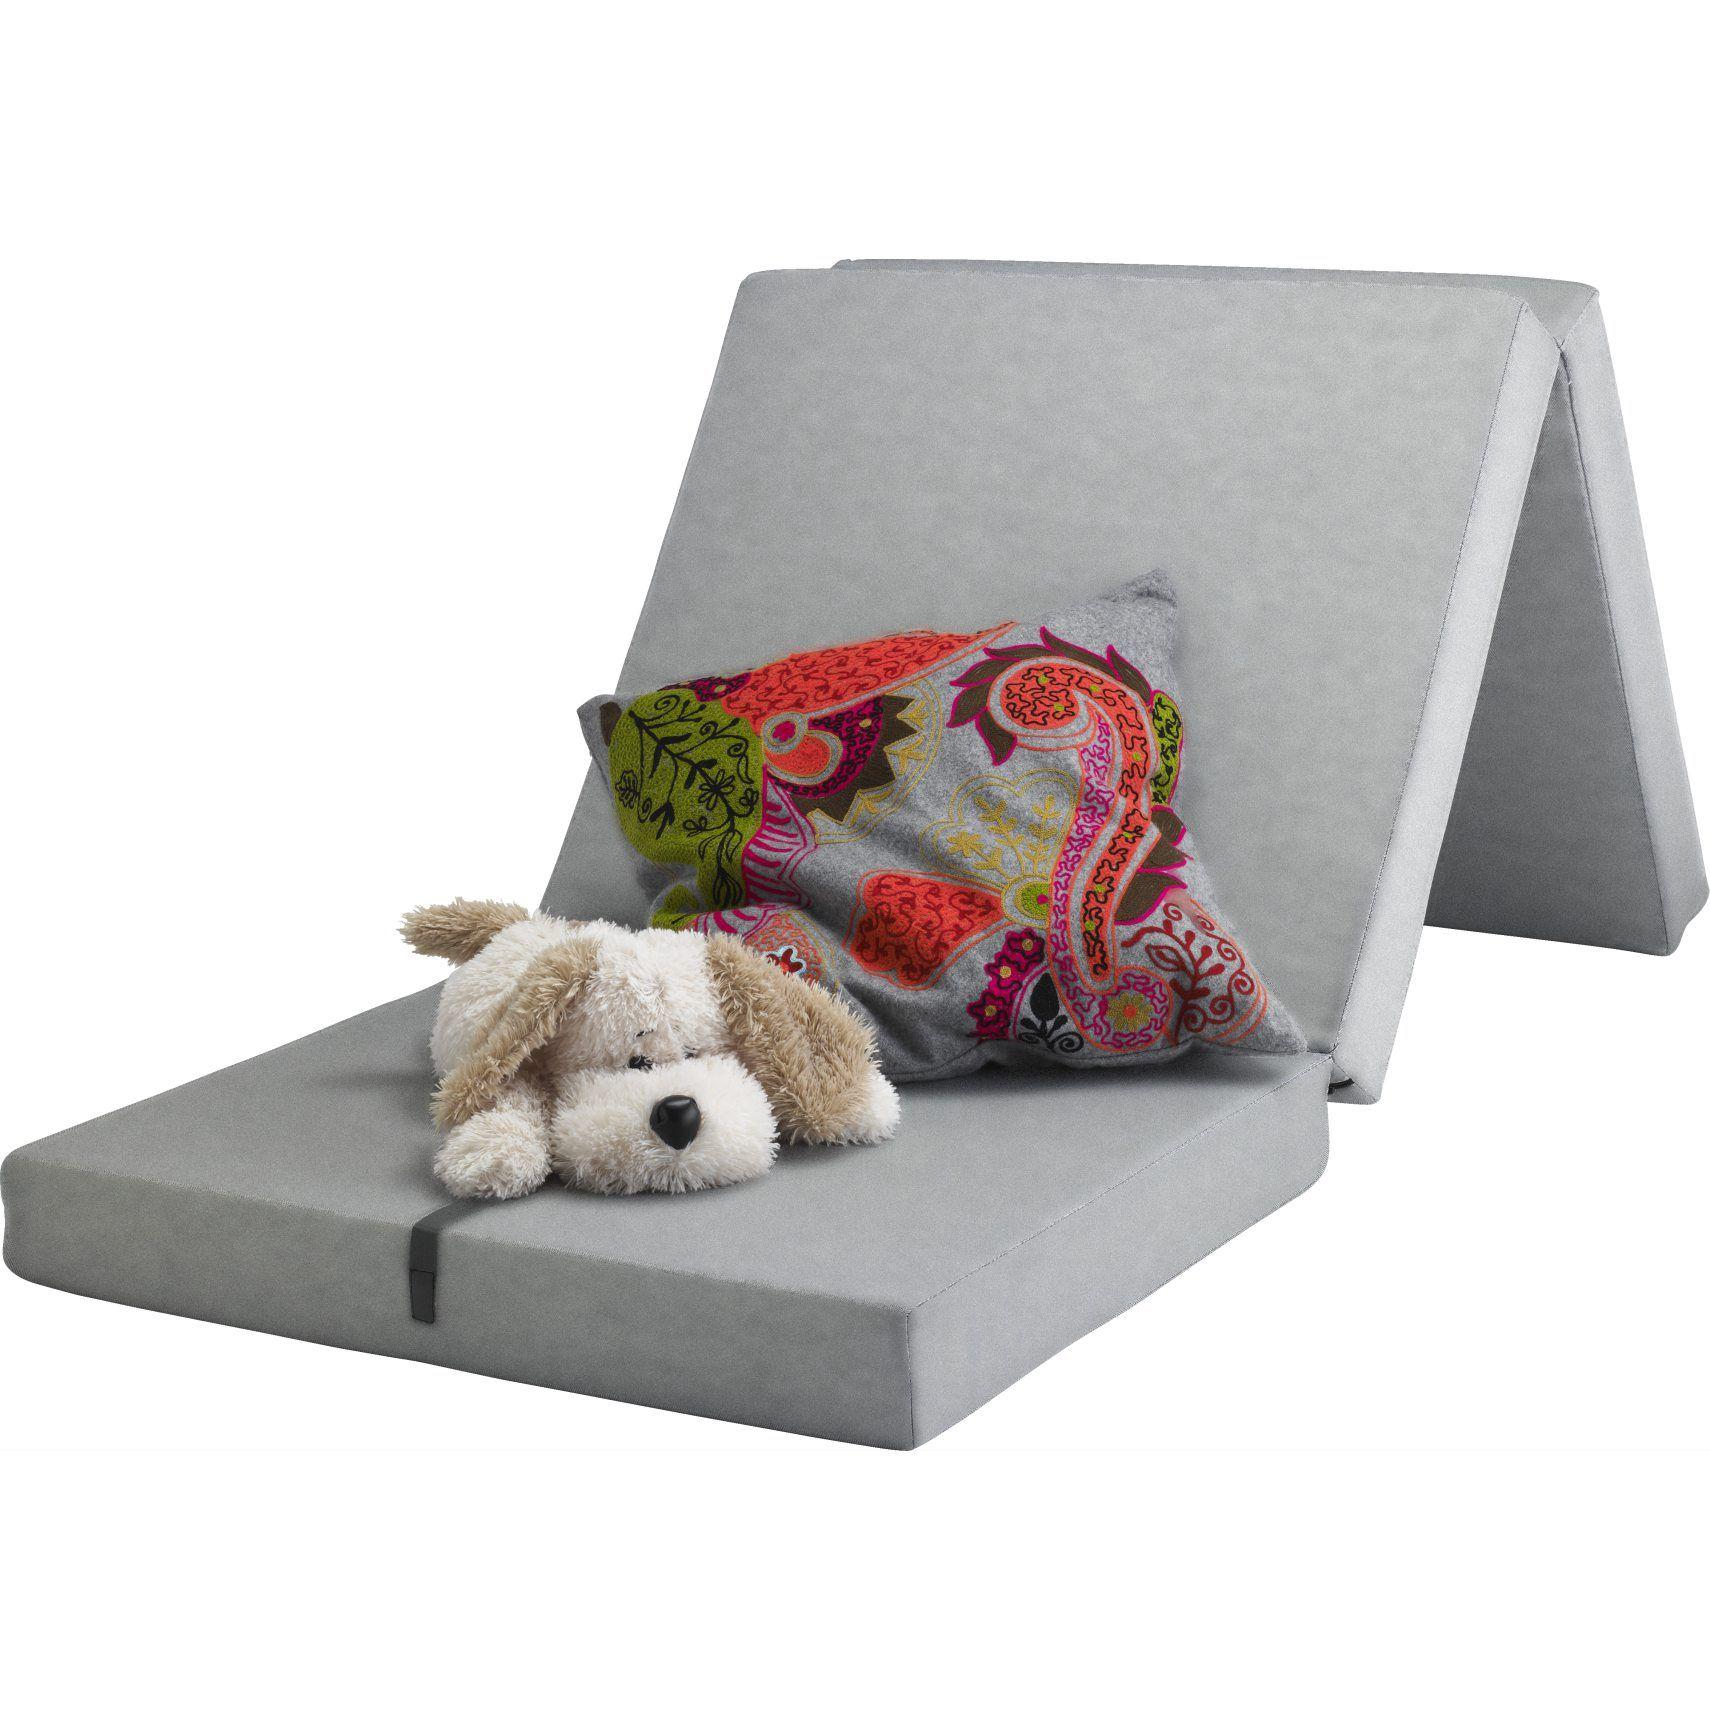 foldemadras Nocturne foldemadras fra IDEmøbler og ILVA | Børneværelse  foldemadras